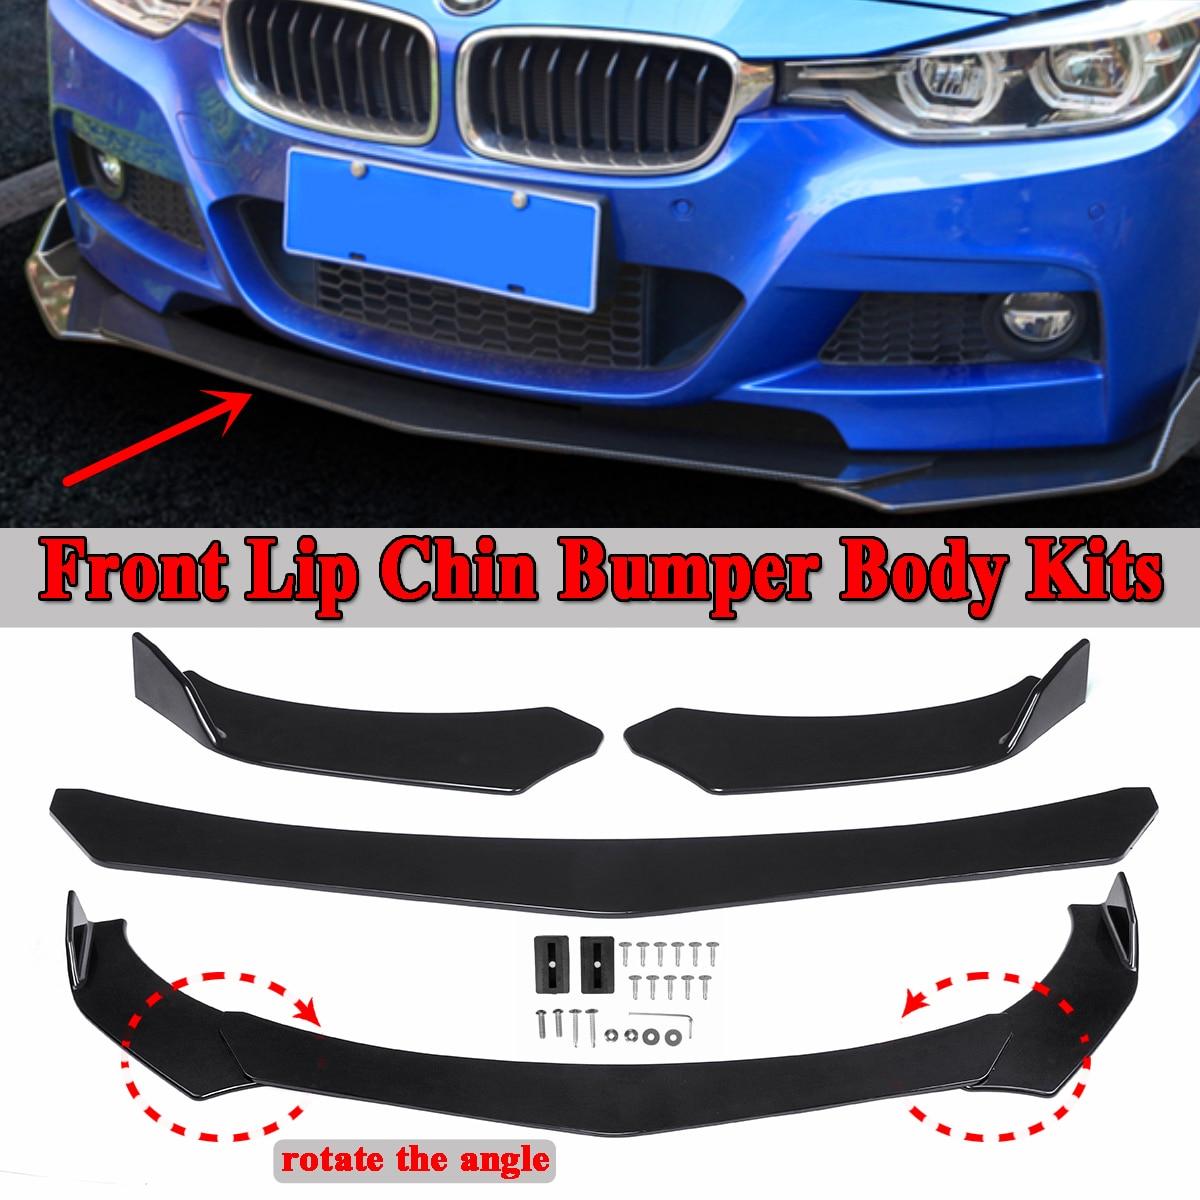 Side Skirt For BMW E46 E60 E63 E64 E90 E93 Rear Bumper Lip Diffuser Splitter